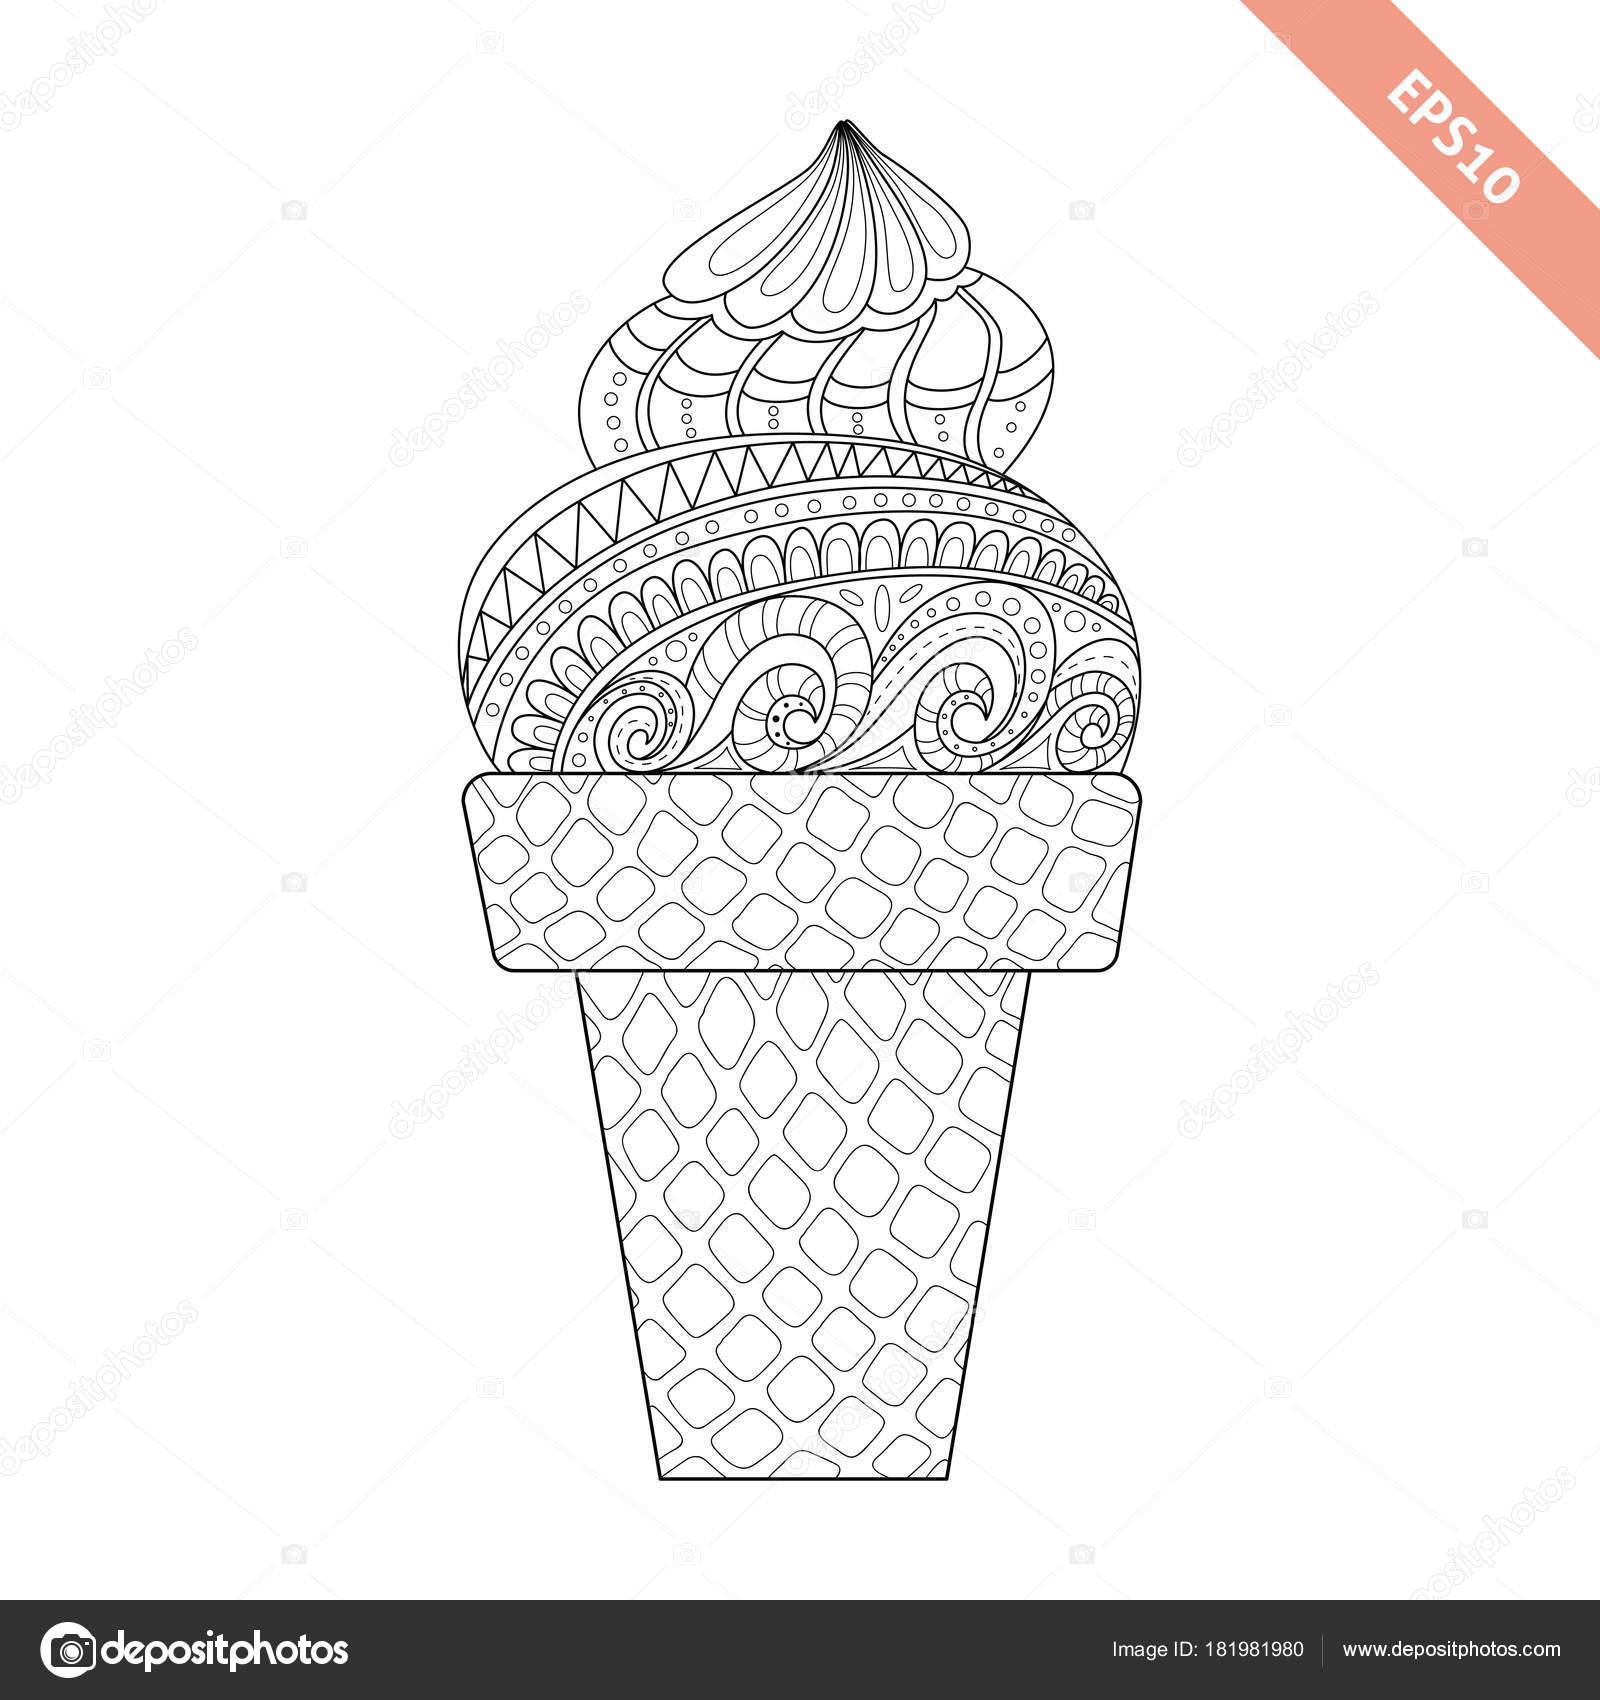 Dibujos animados mano dibujado helado en barquillo — Archivo ...